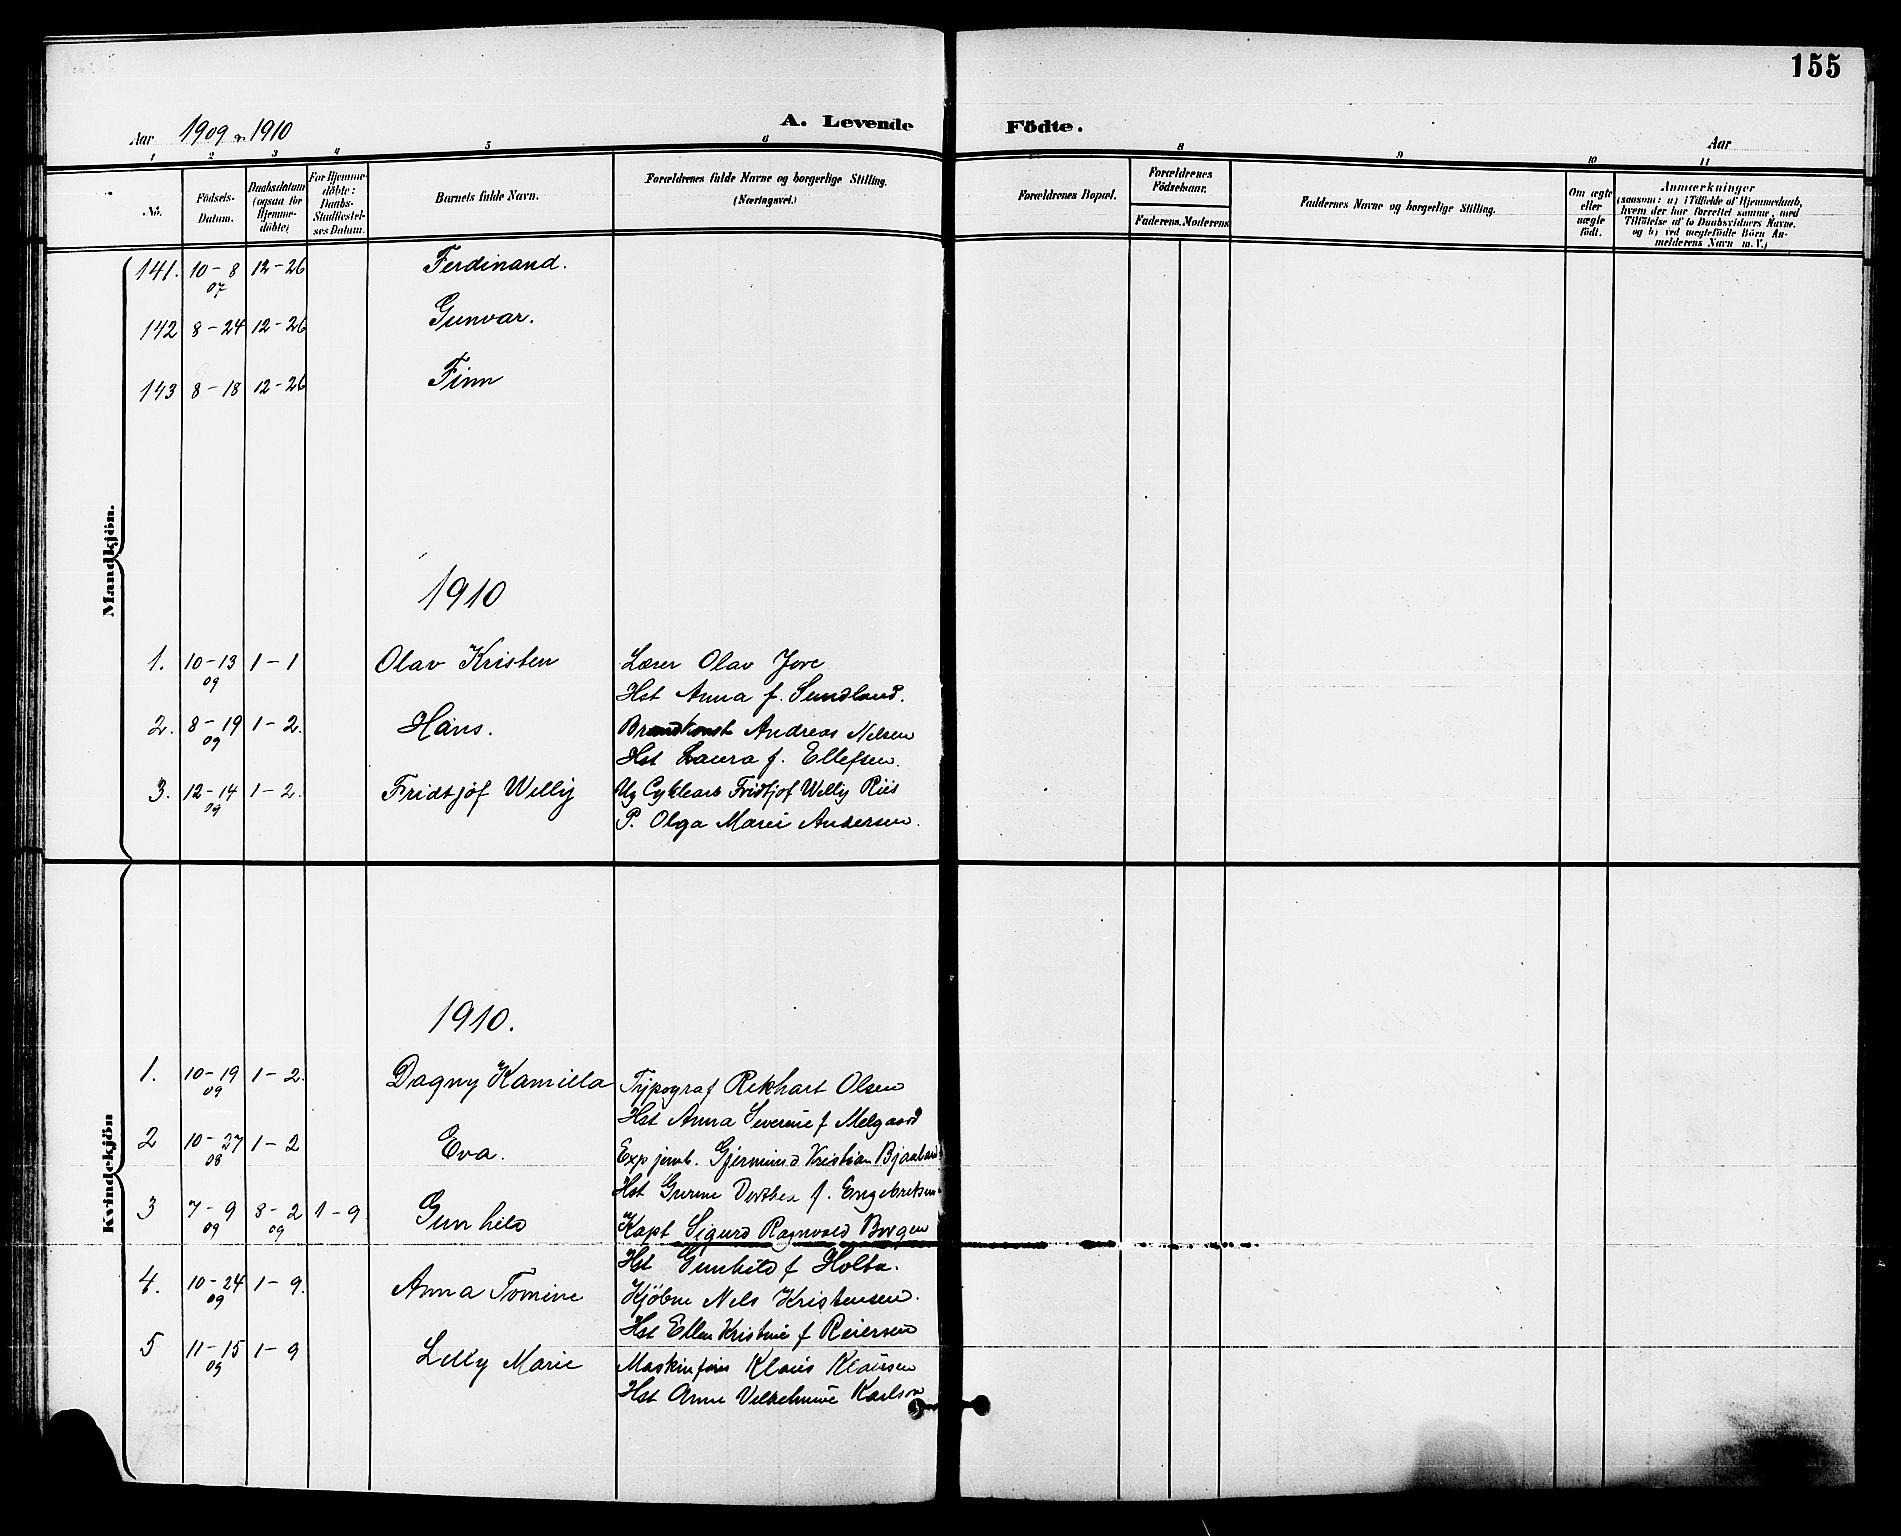 SAKO, Skien kirkebøker, G/Ga/L0008: Klokkerbok nr. 8, 1900-1910, s. 155